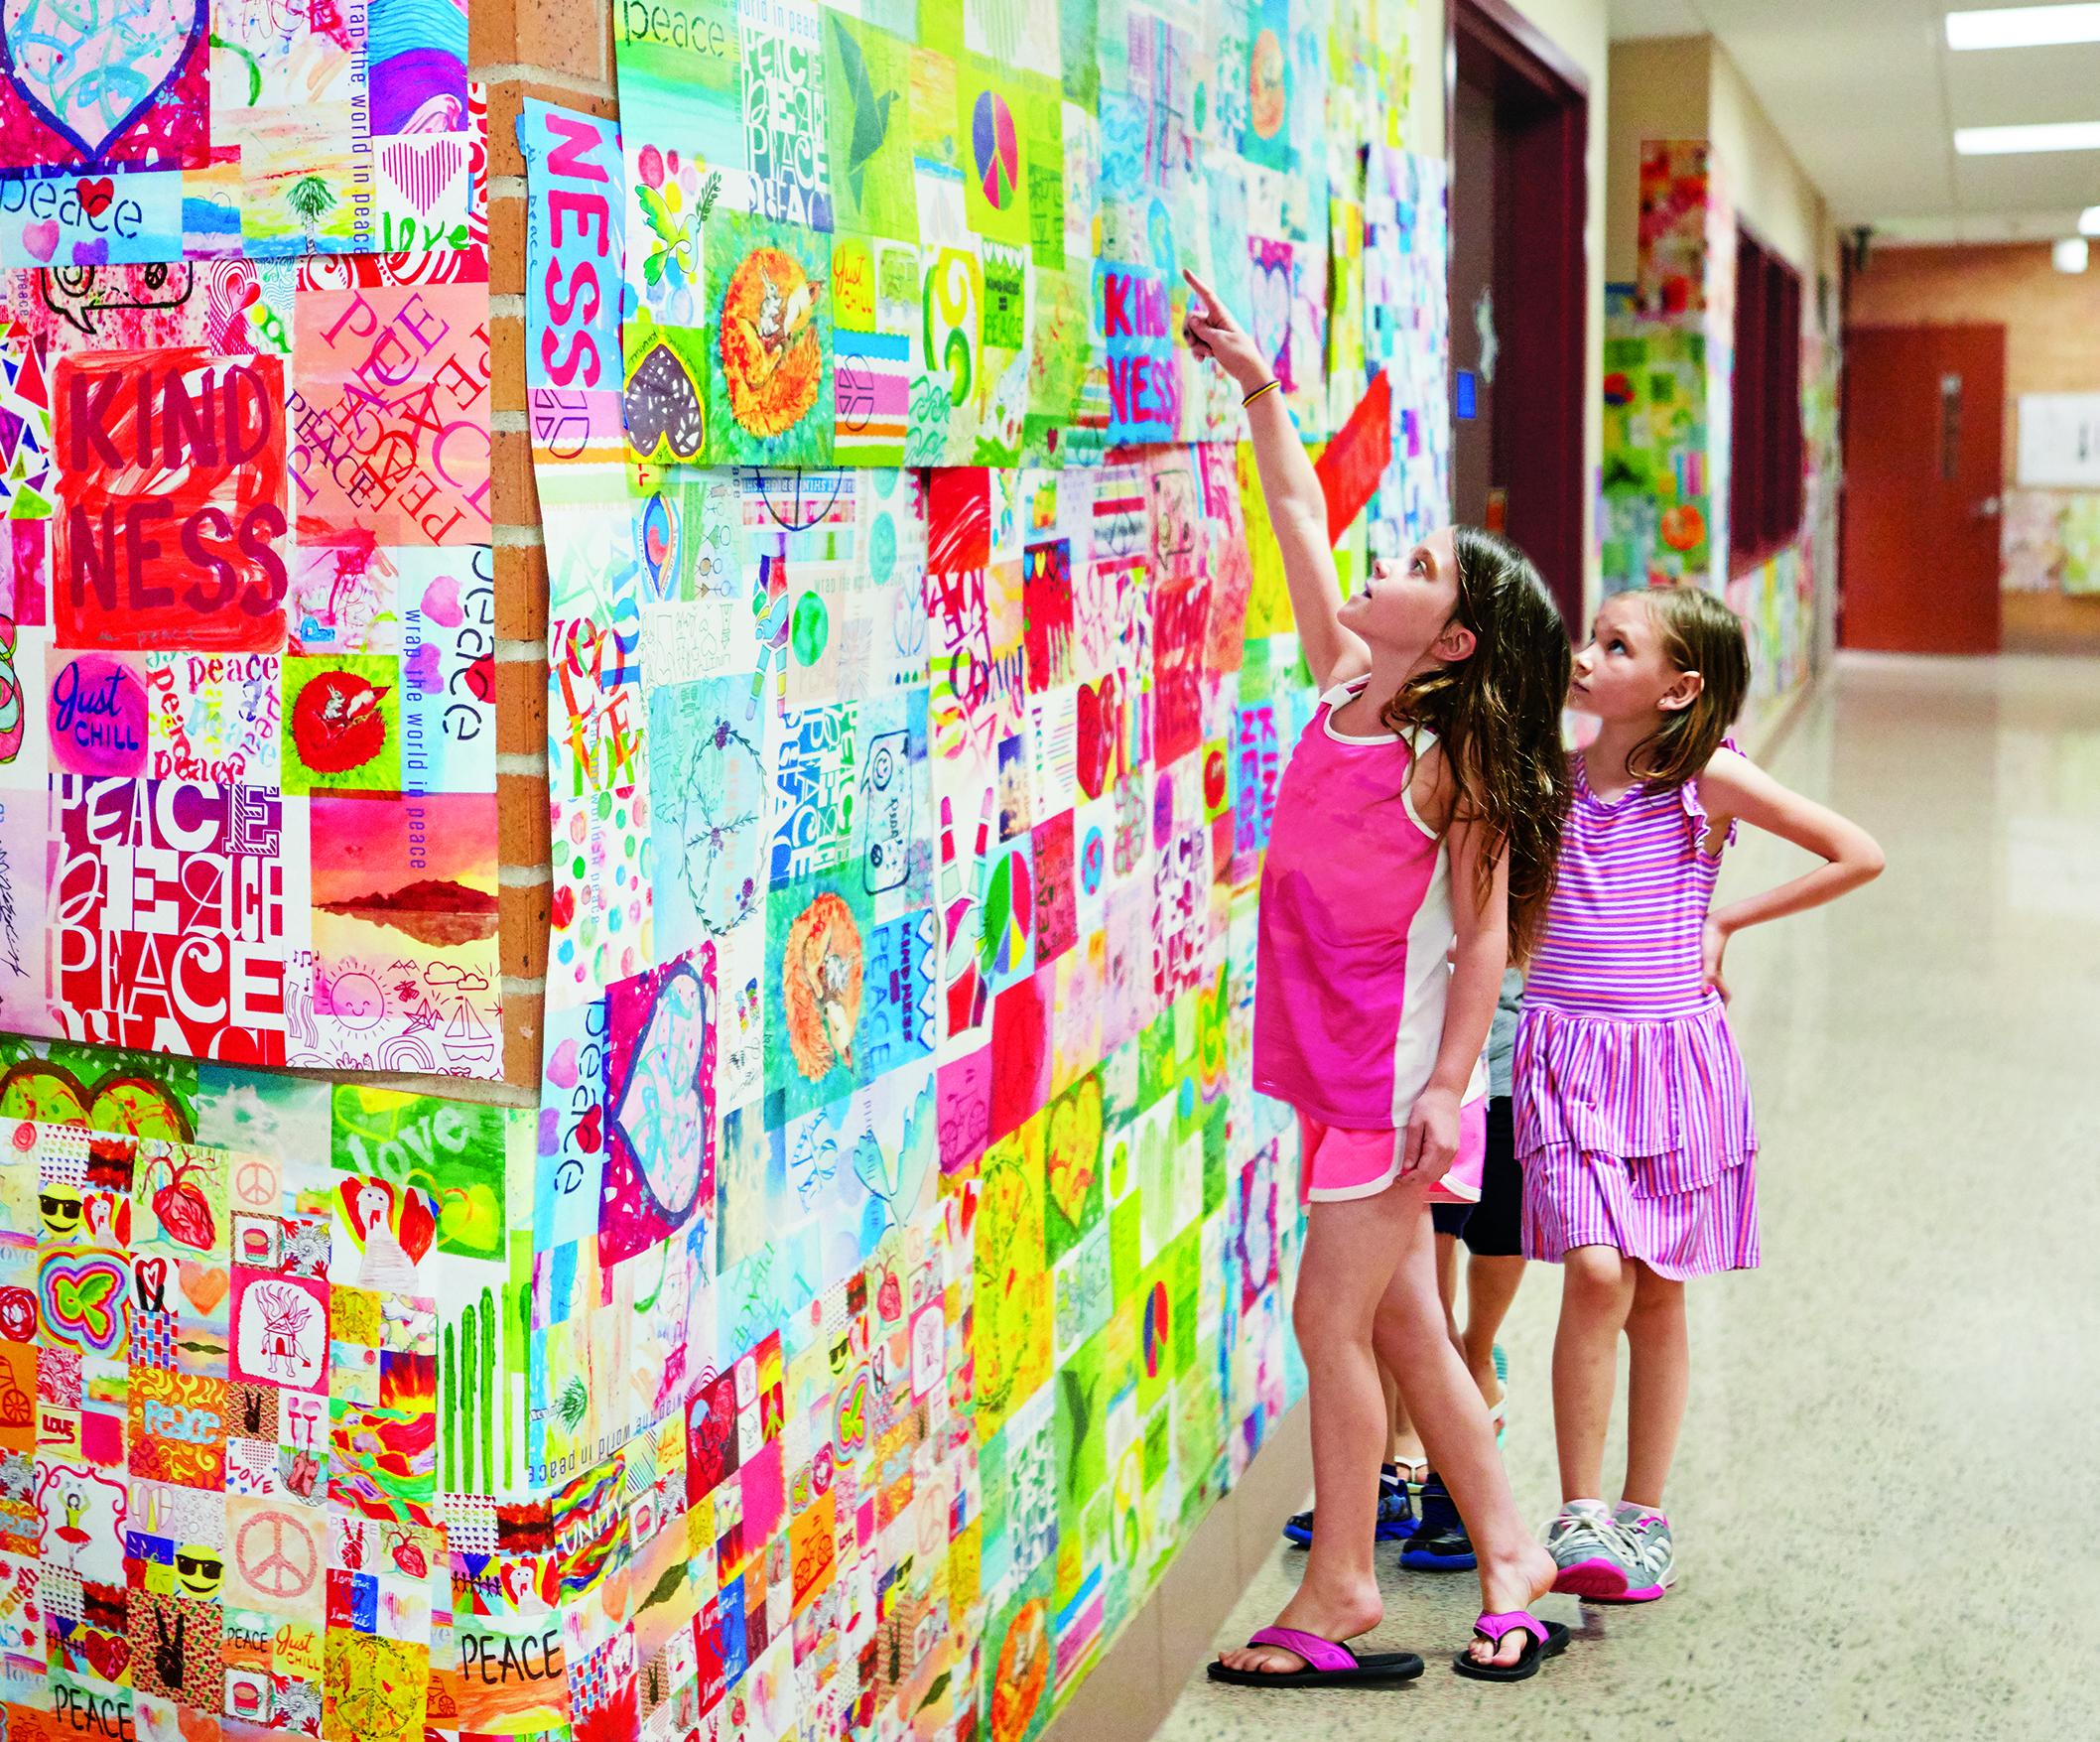 PeacePaperSchoolHallwayCOMP.jpg